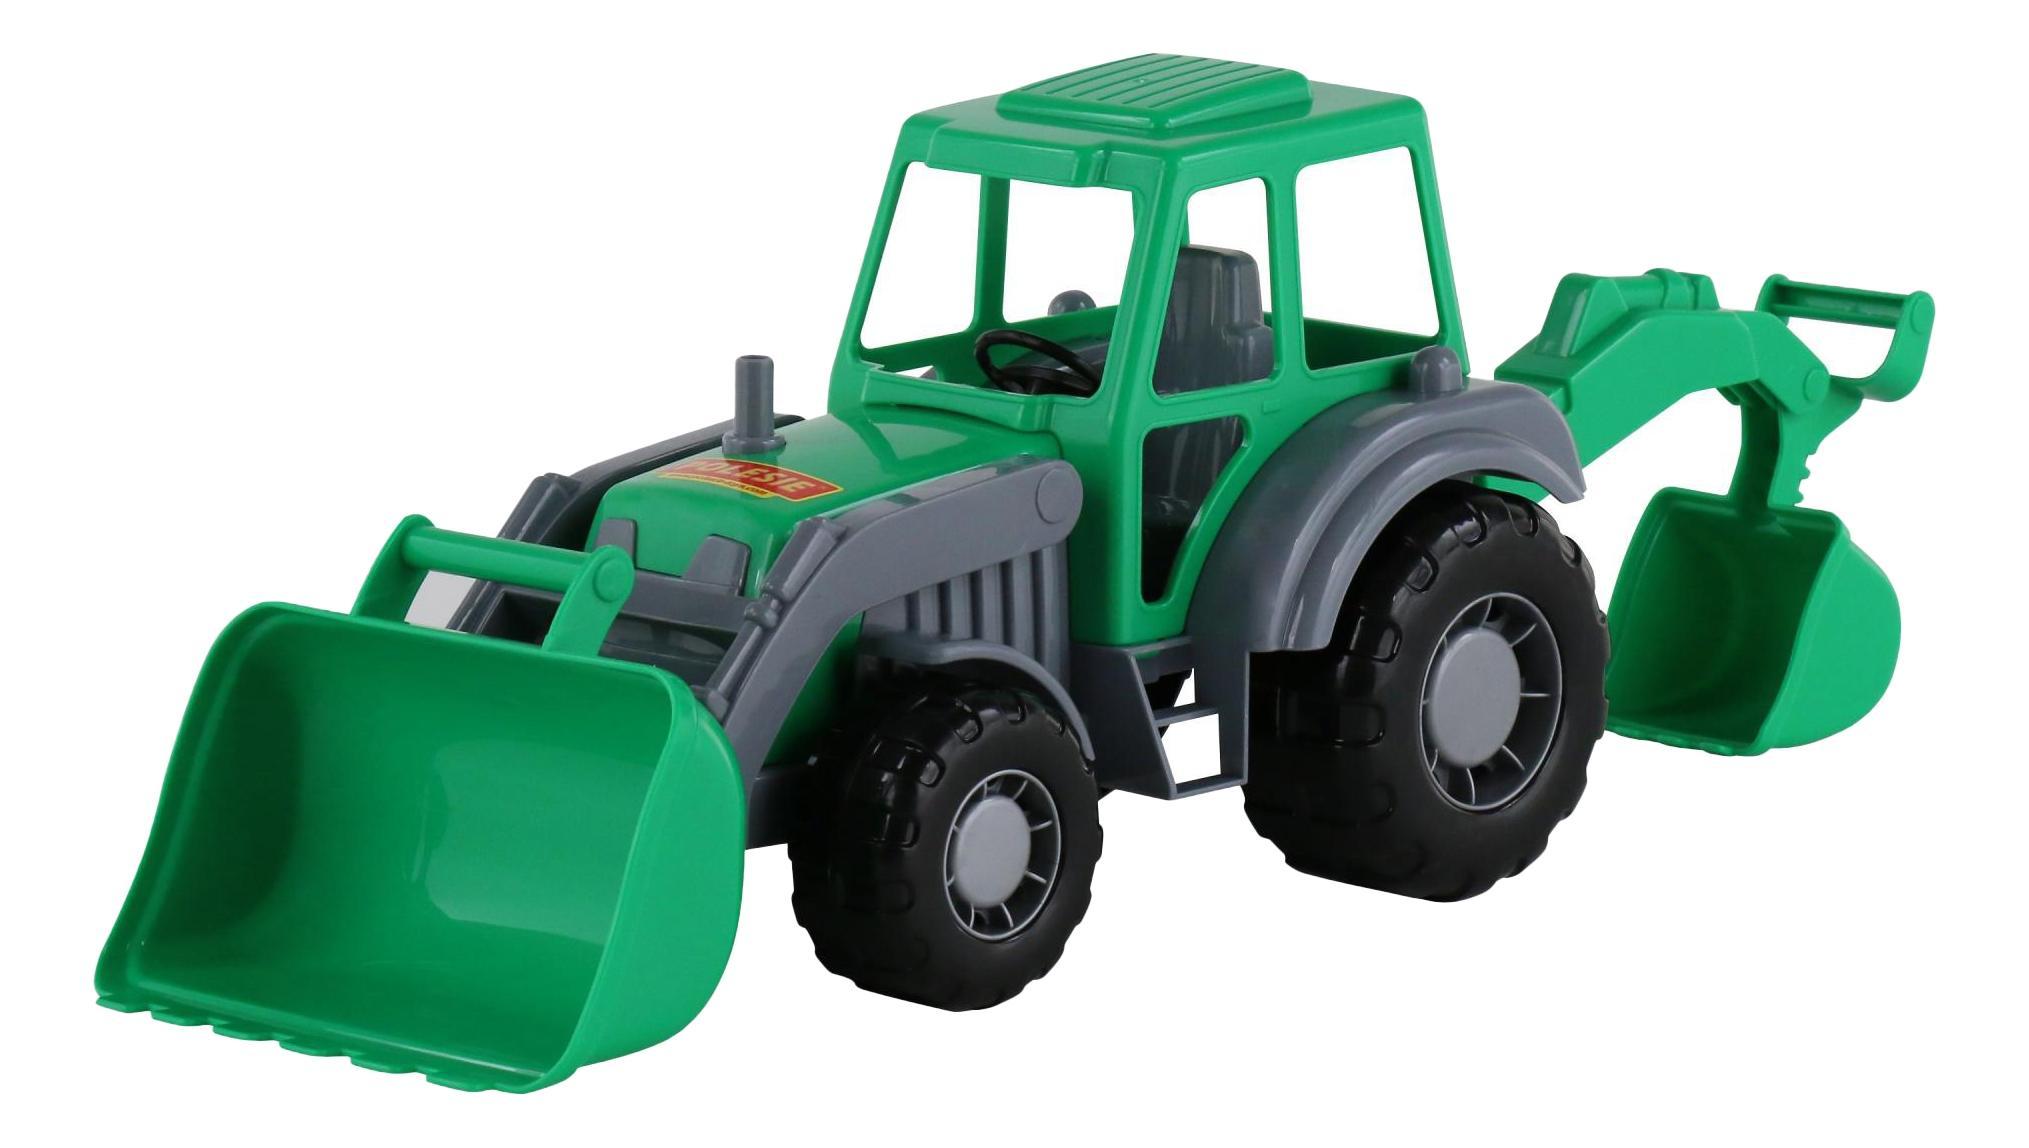 Алтай трактор экскаватор, Алтай трактор-экскаватор Полесье 35394, Строительная техника  - купить со скидкой